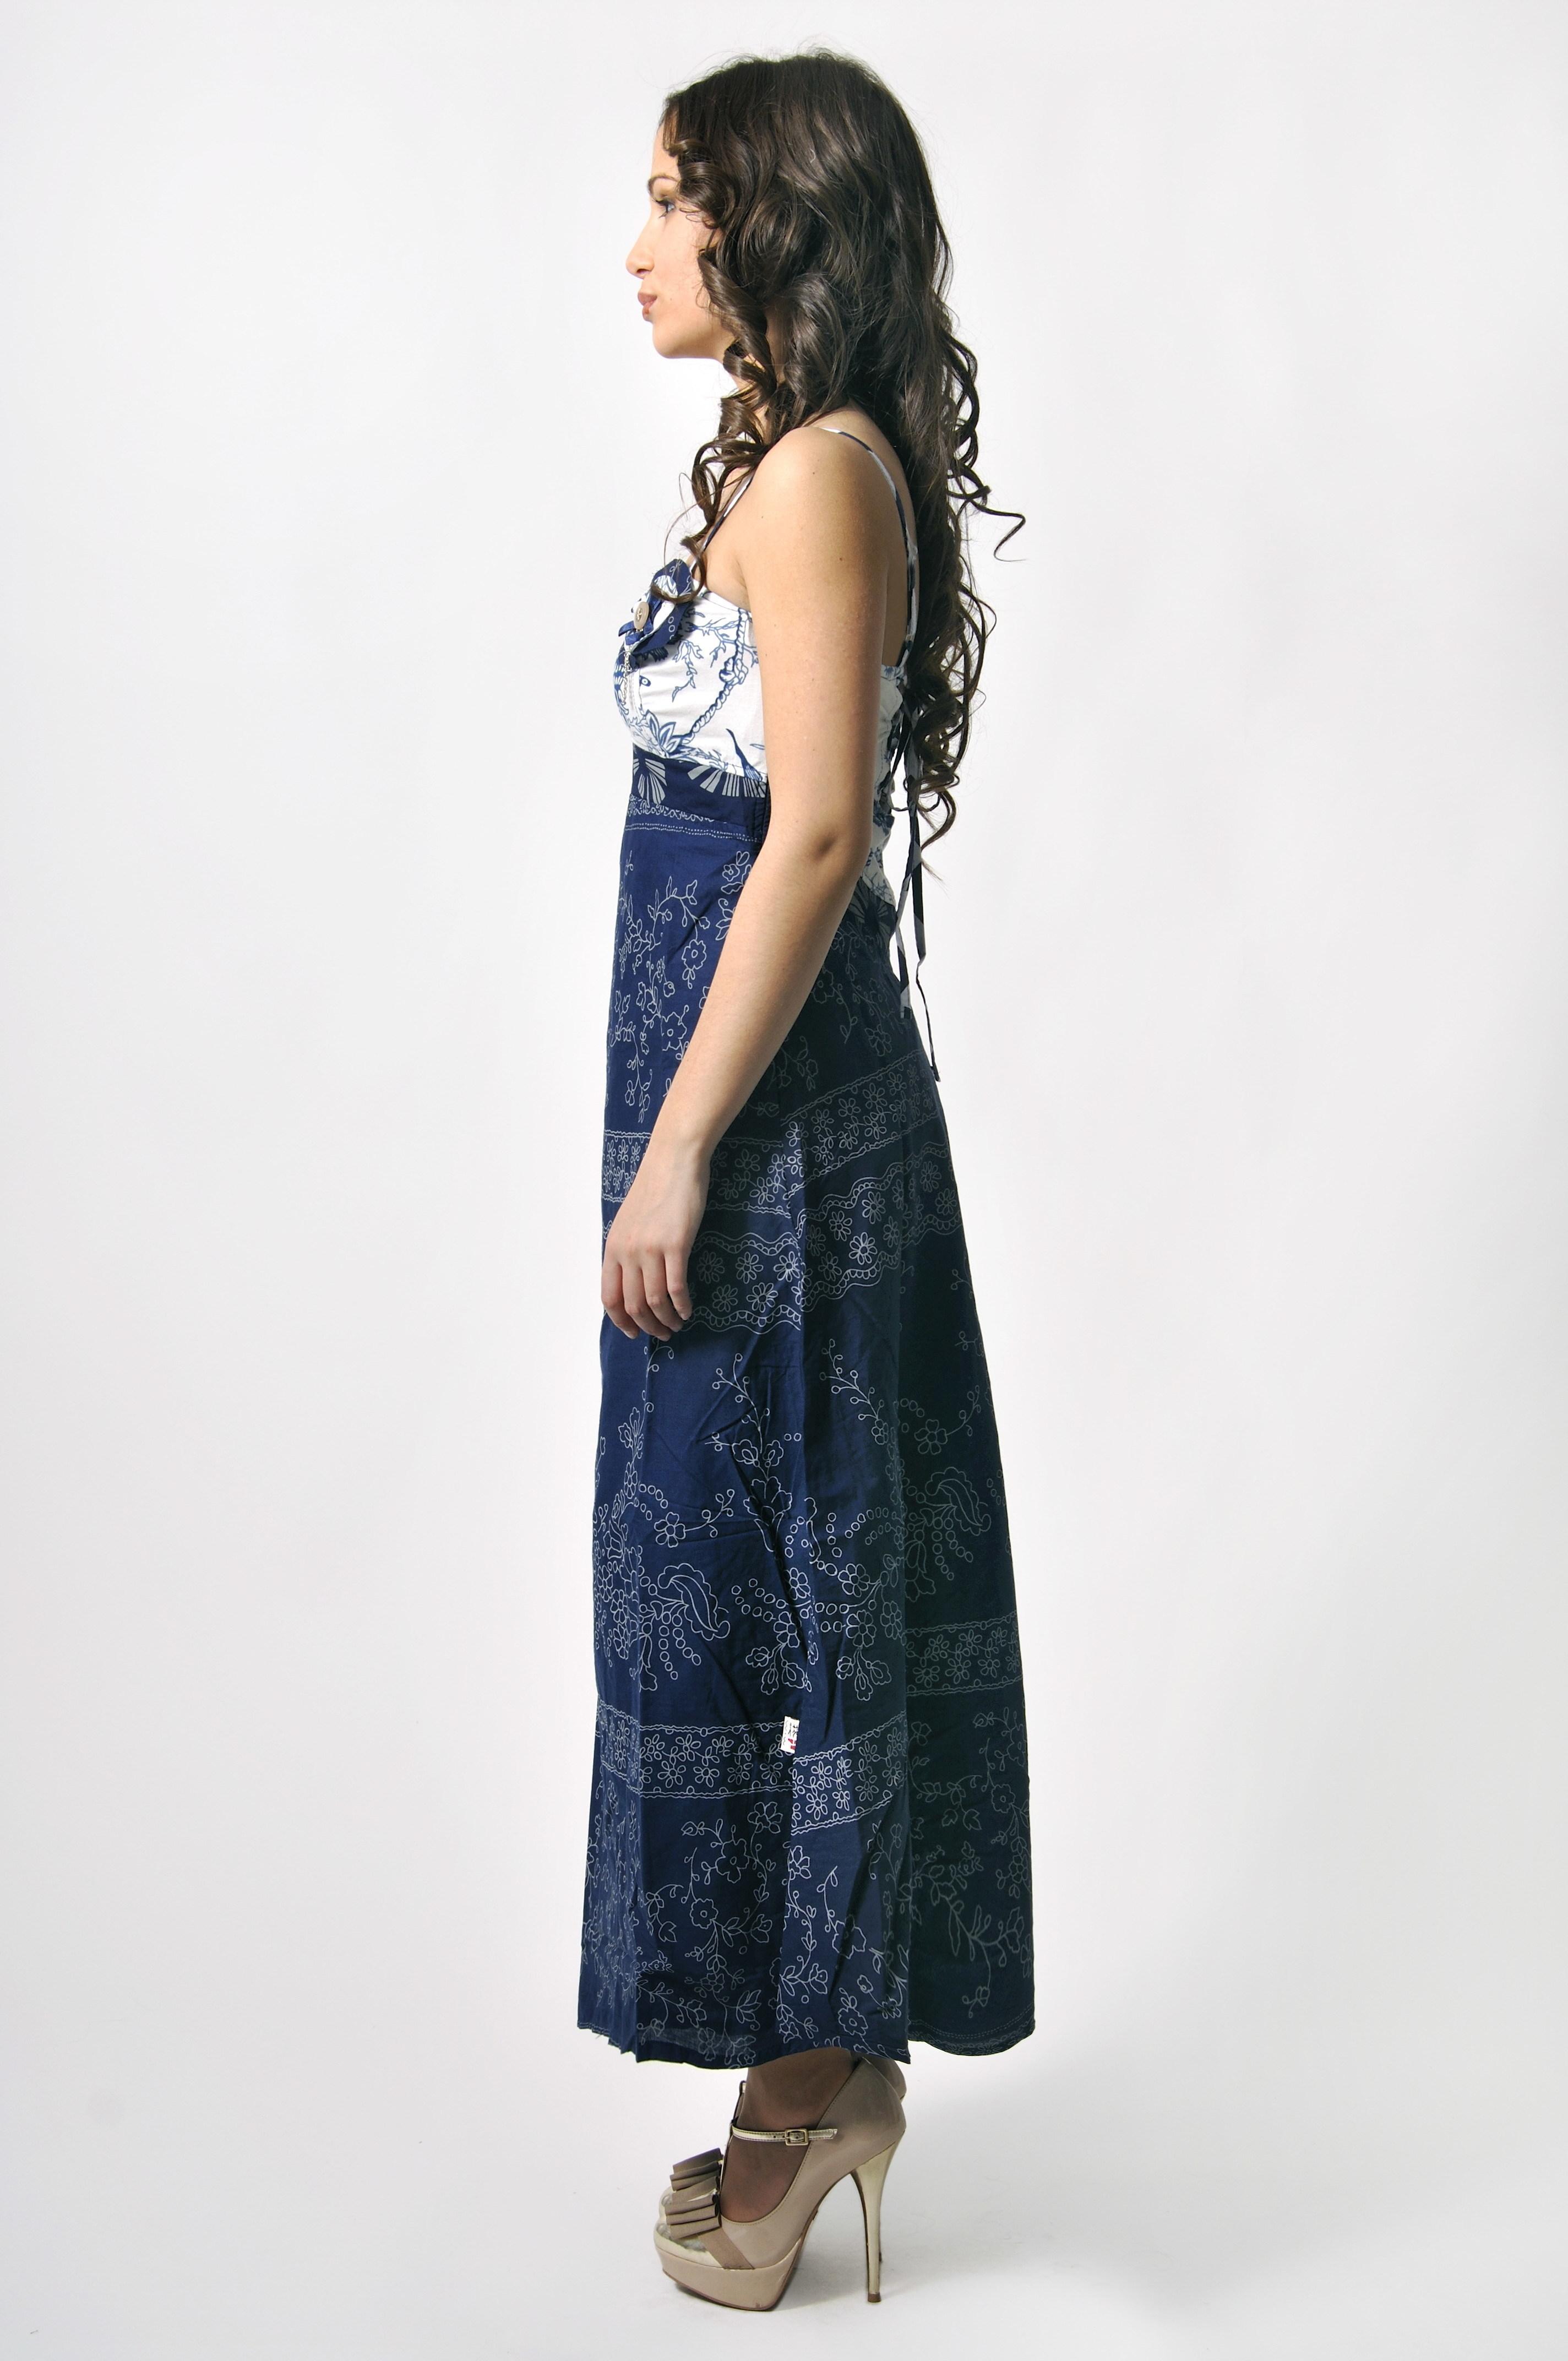 Savage Culture: Back Lace Up Ravishing Roxelle Sundress